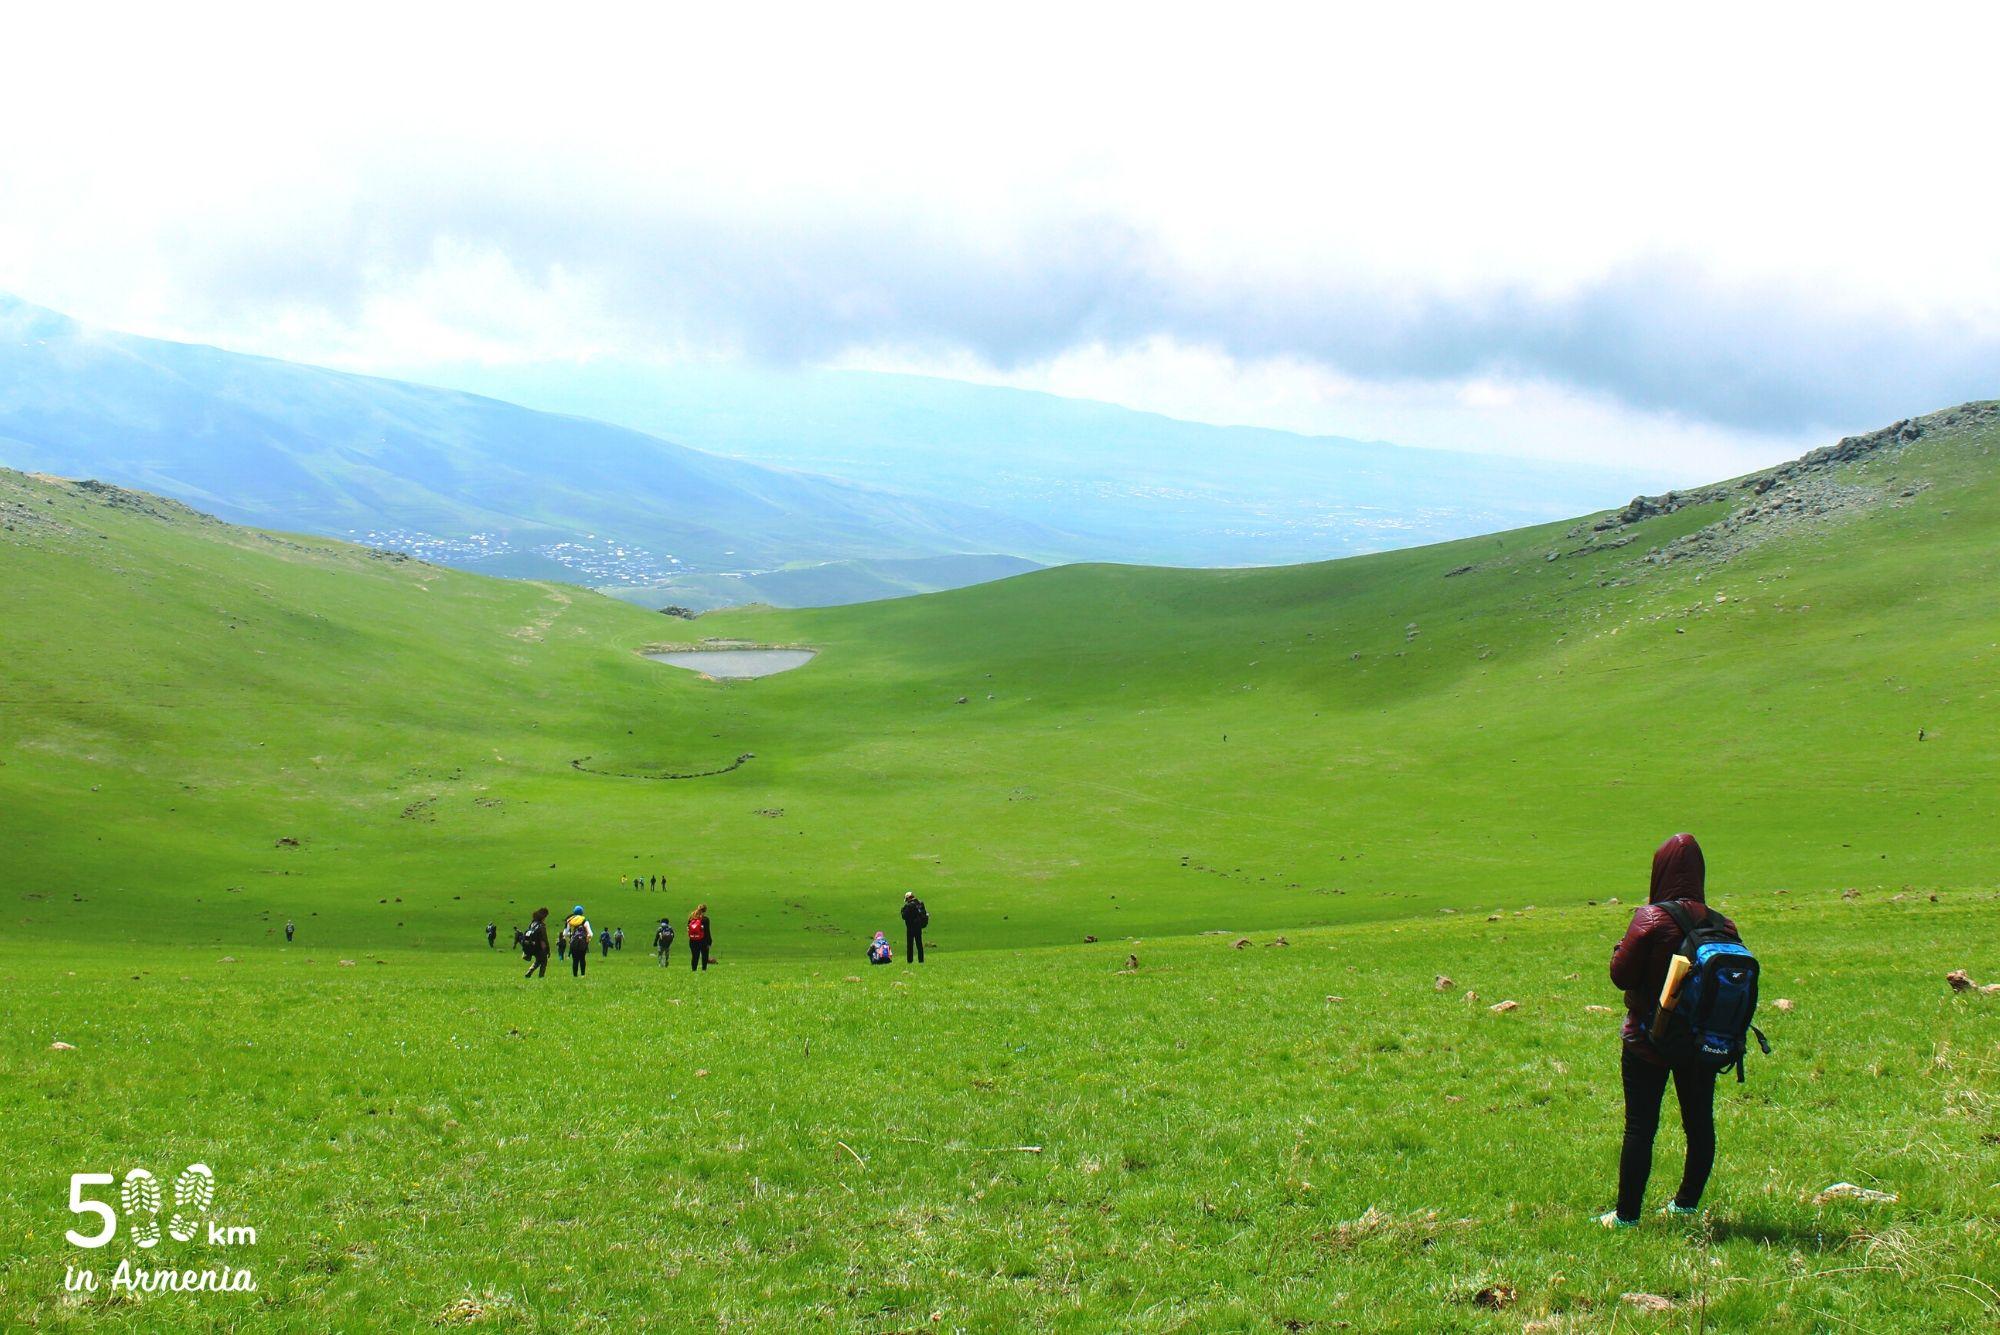 Գութանասար - 500 կմ Հայաստանում